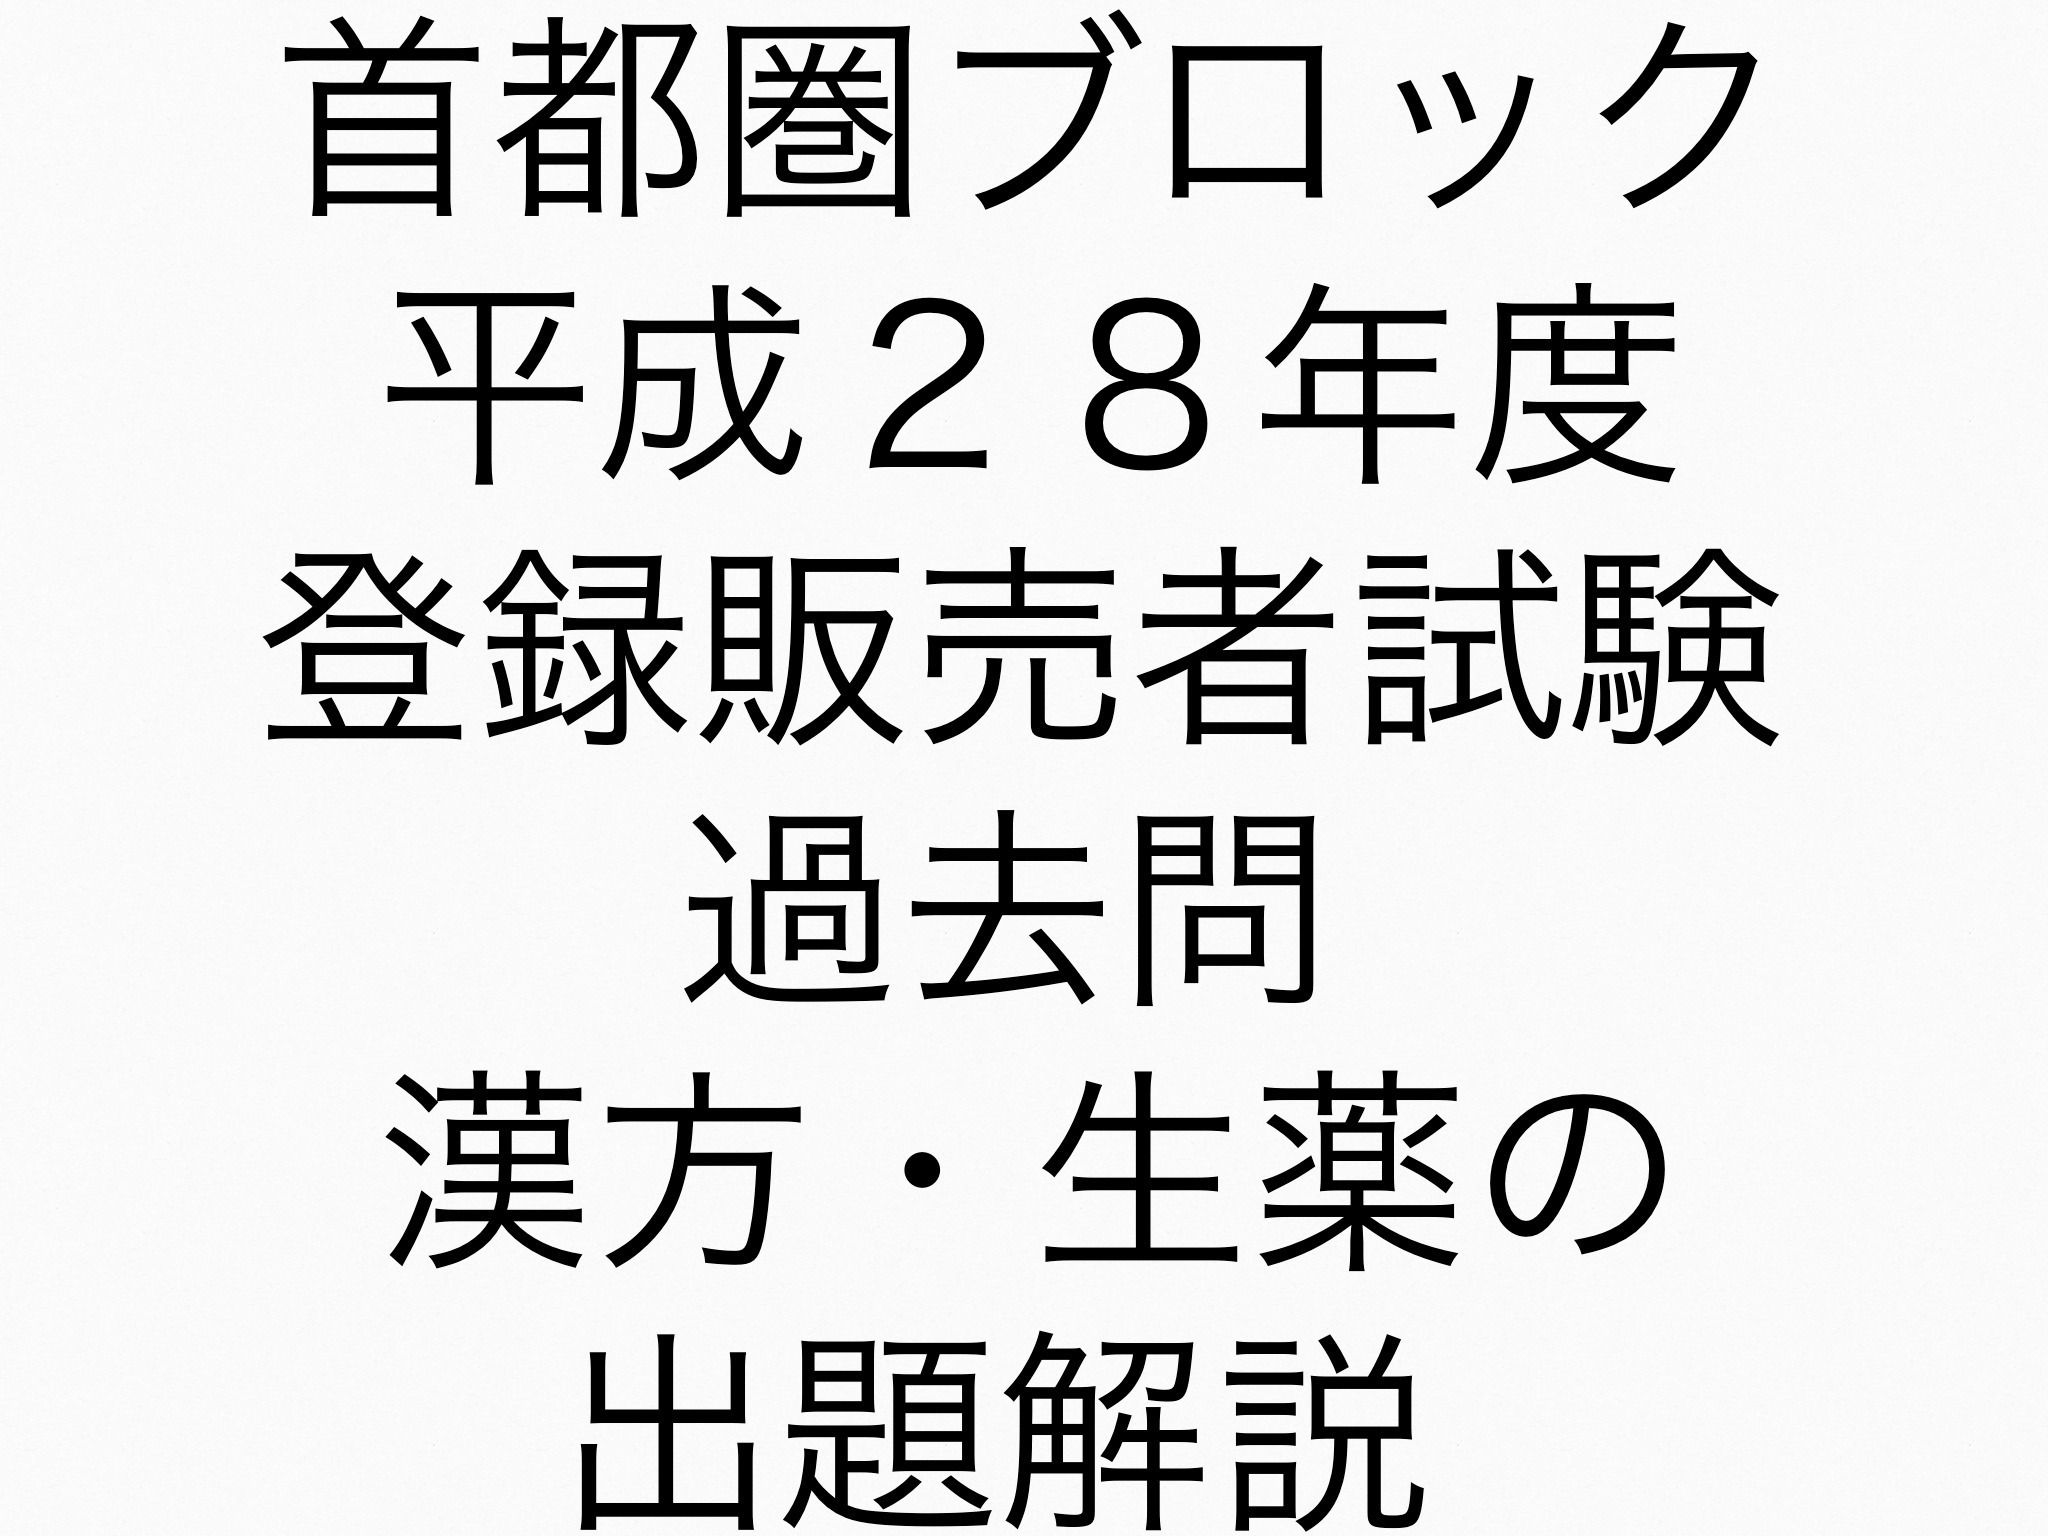 東京H28)登録販売者試験過去問 漢方・生薬の問題解説/出題傾向